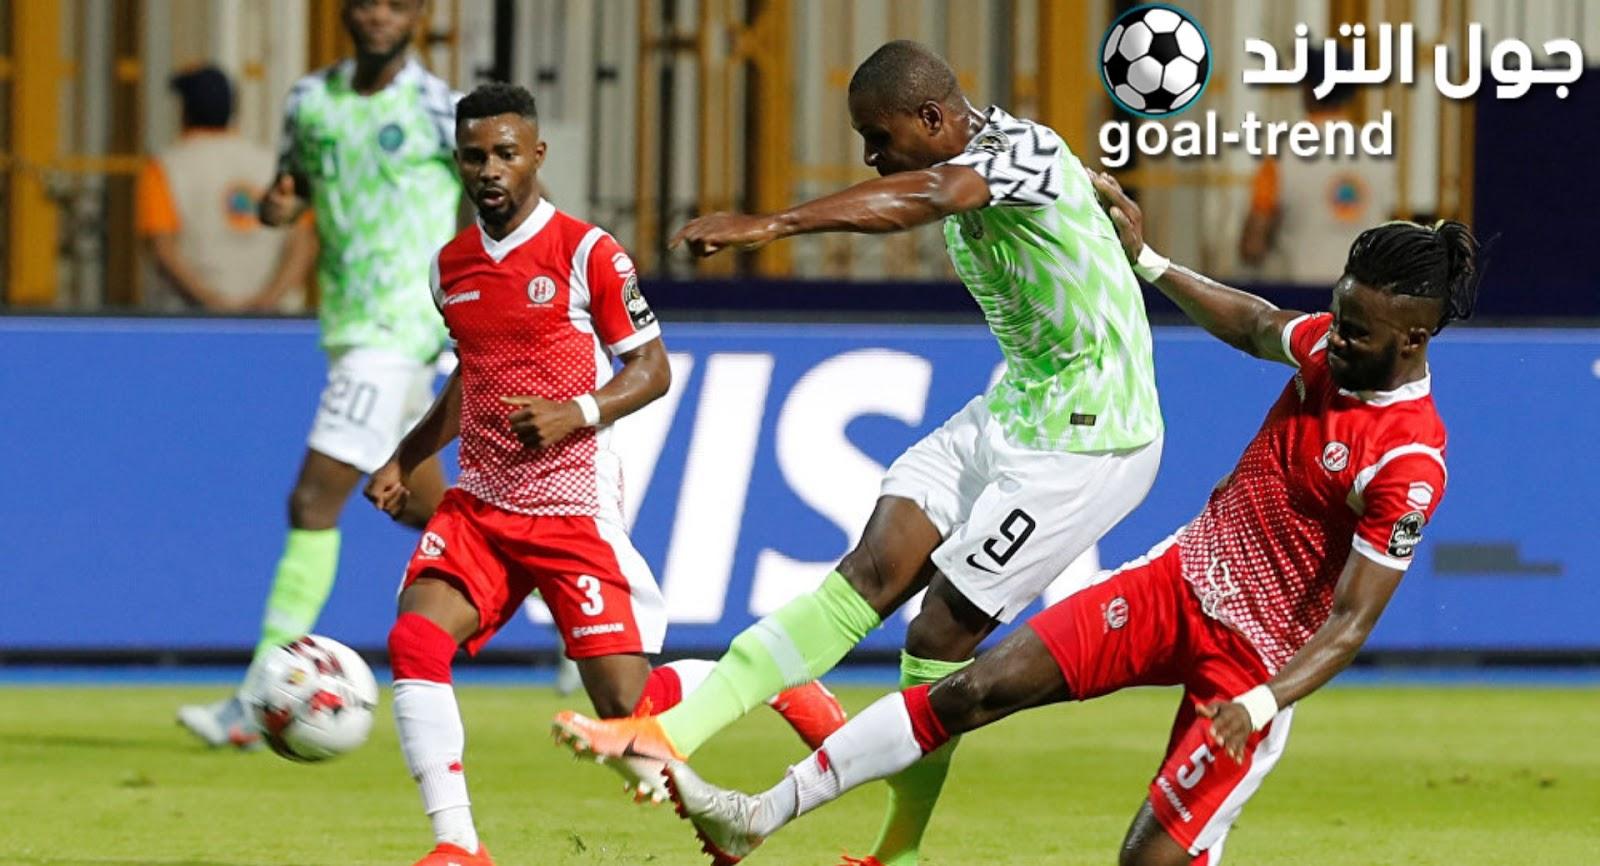 نتيجة مواجهة نيجيريا وغينيا يوم الاربعاء في كأس امم افريقيا